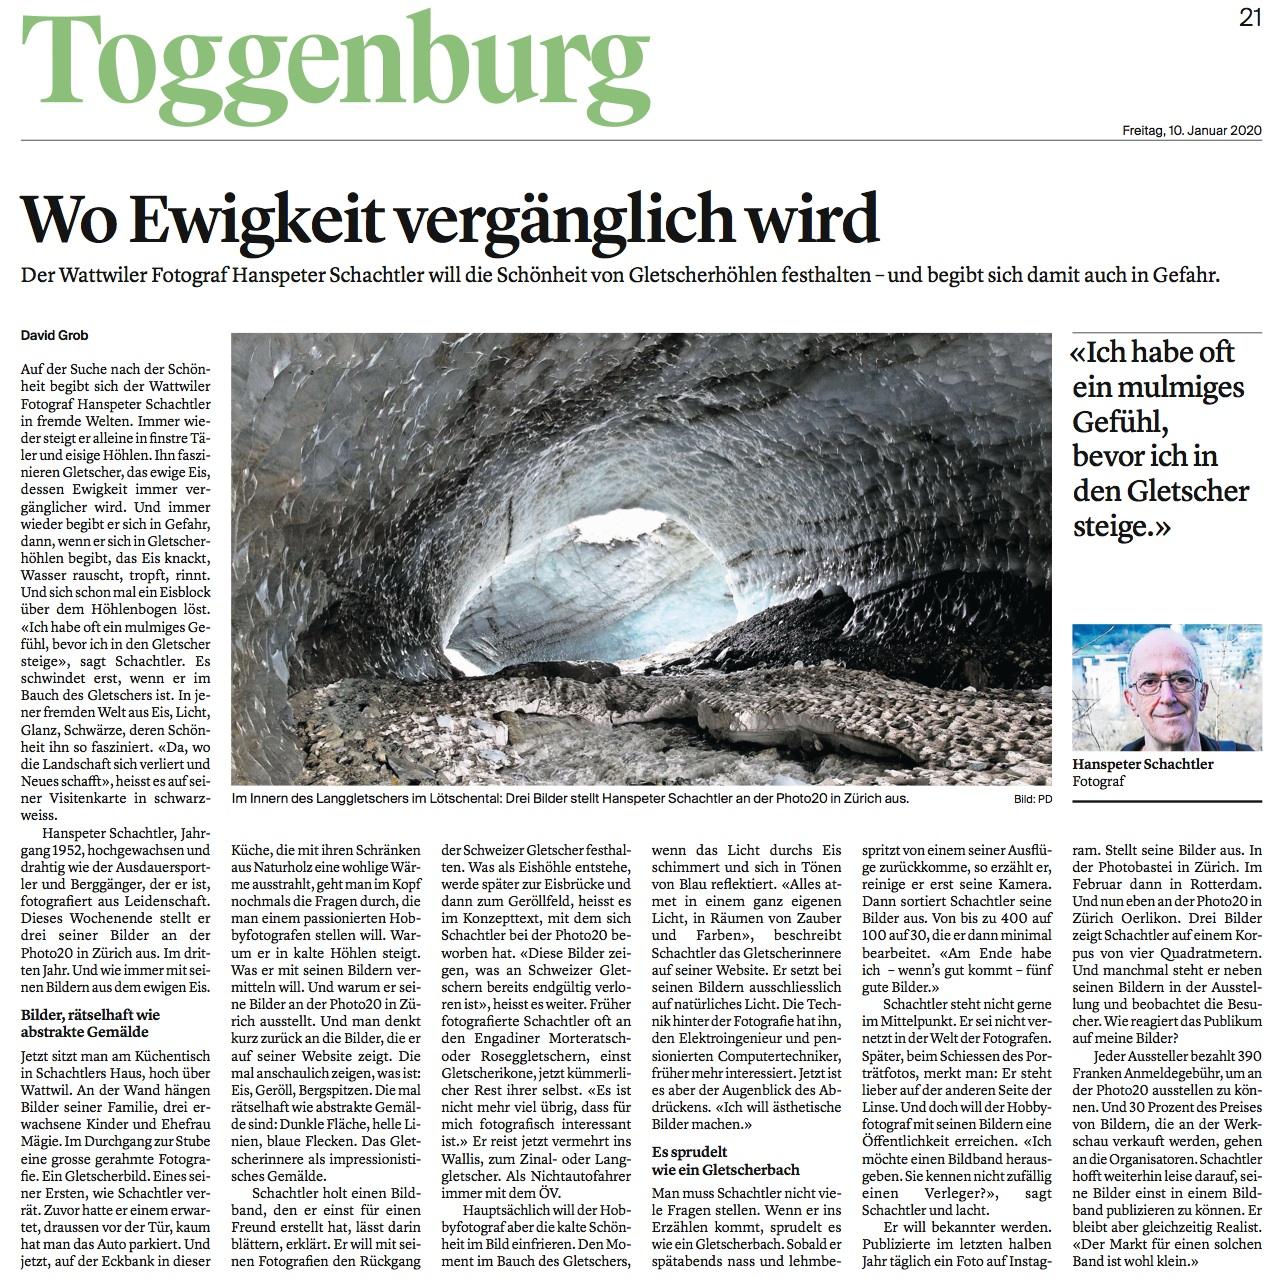 Portrait von Hanspeter Schachtler im Tagblatt vom 10. Januar 2020.